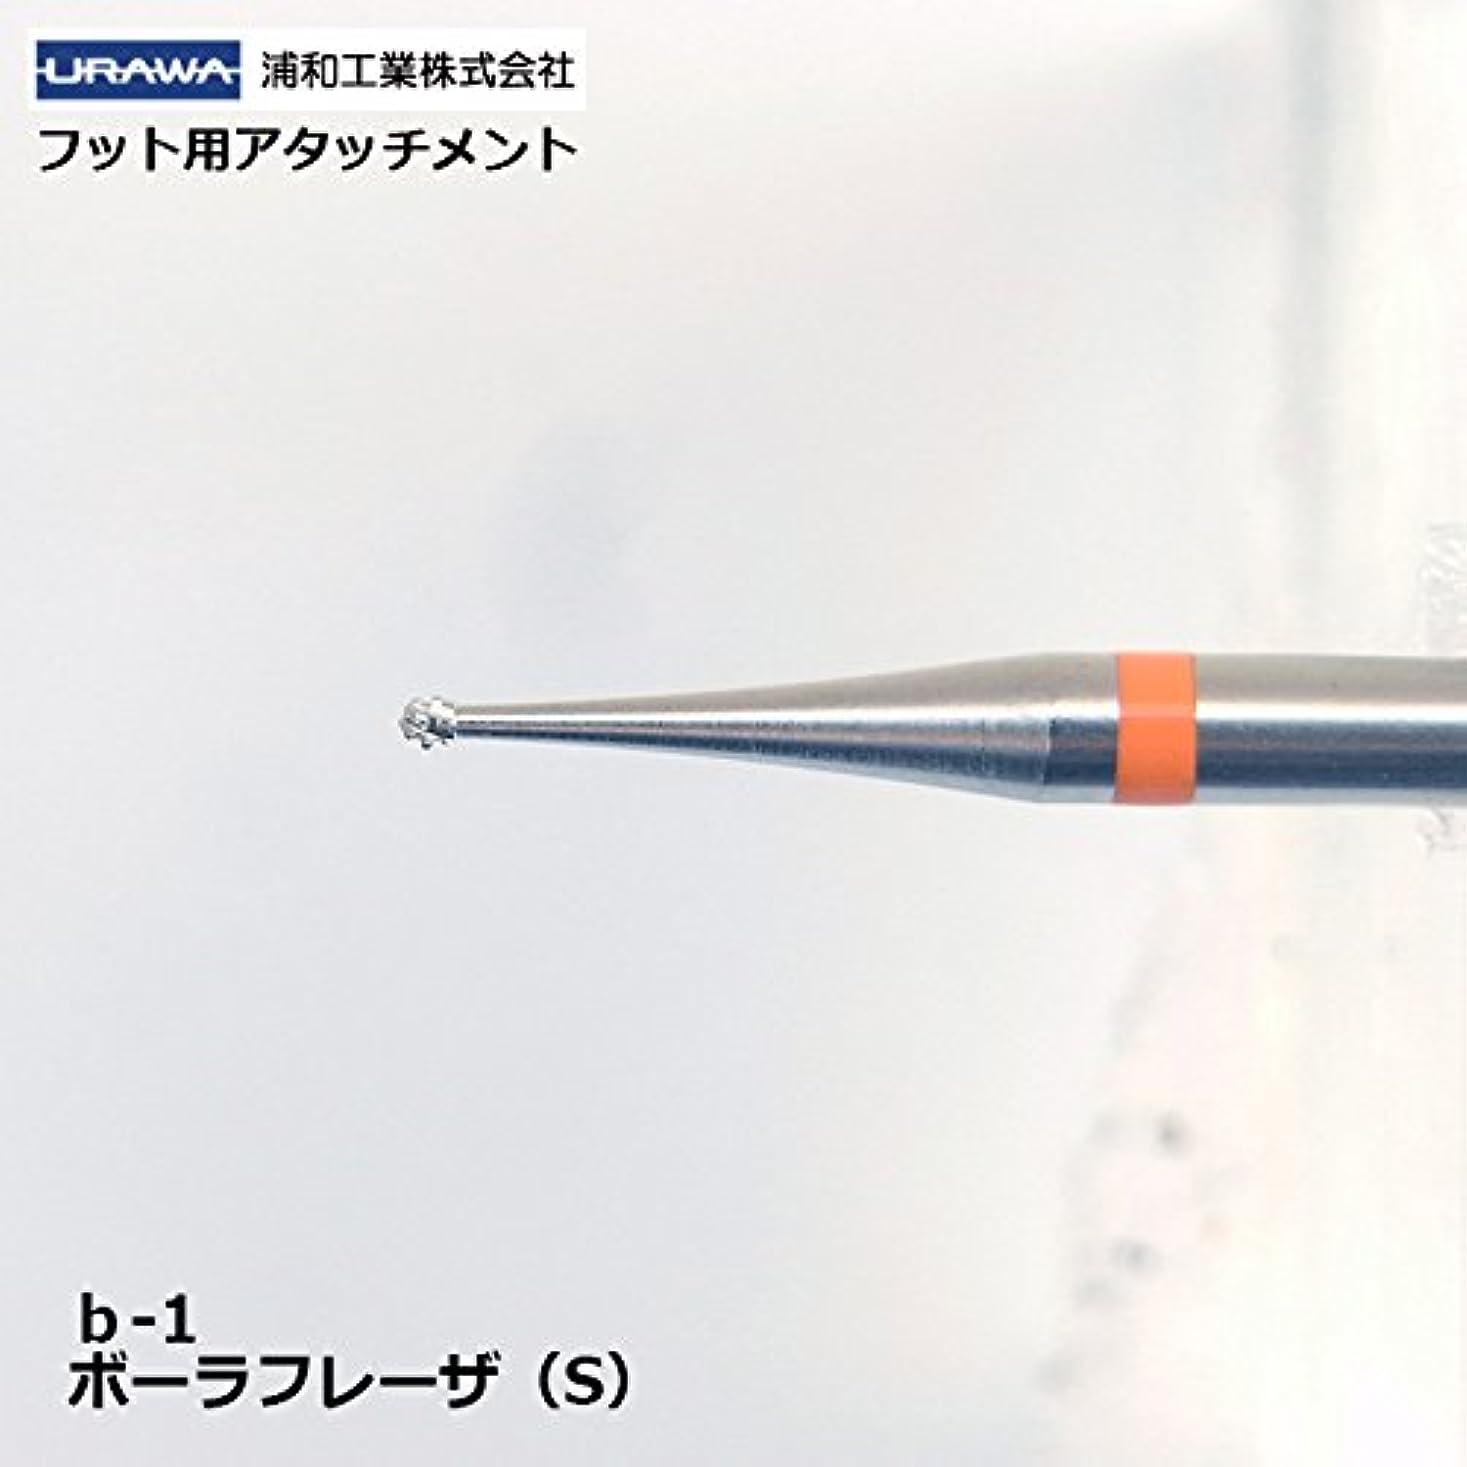 本能満たす残る【URAWA】ボーラフレーザーS(b-1)【フット用アタッチメント】